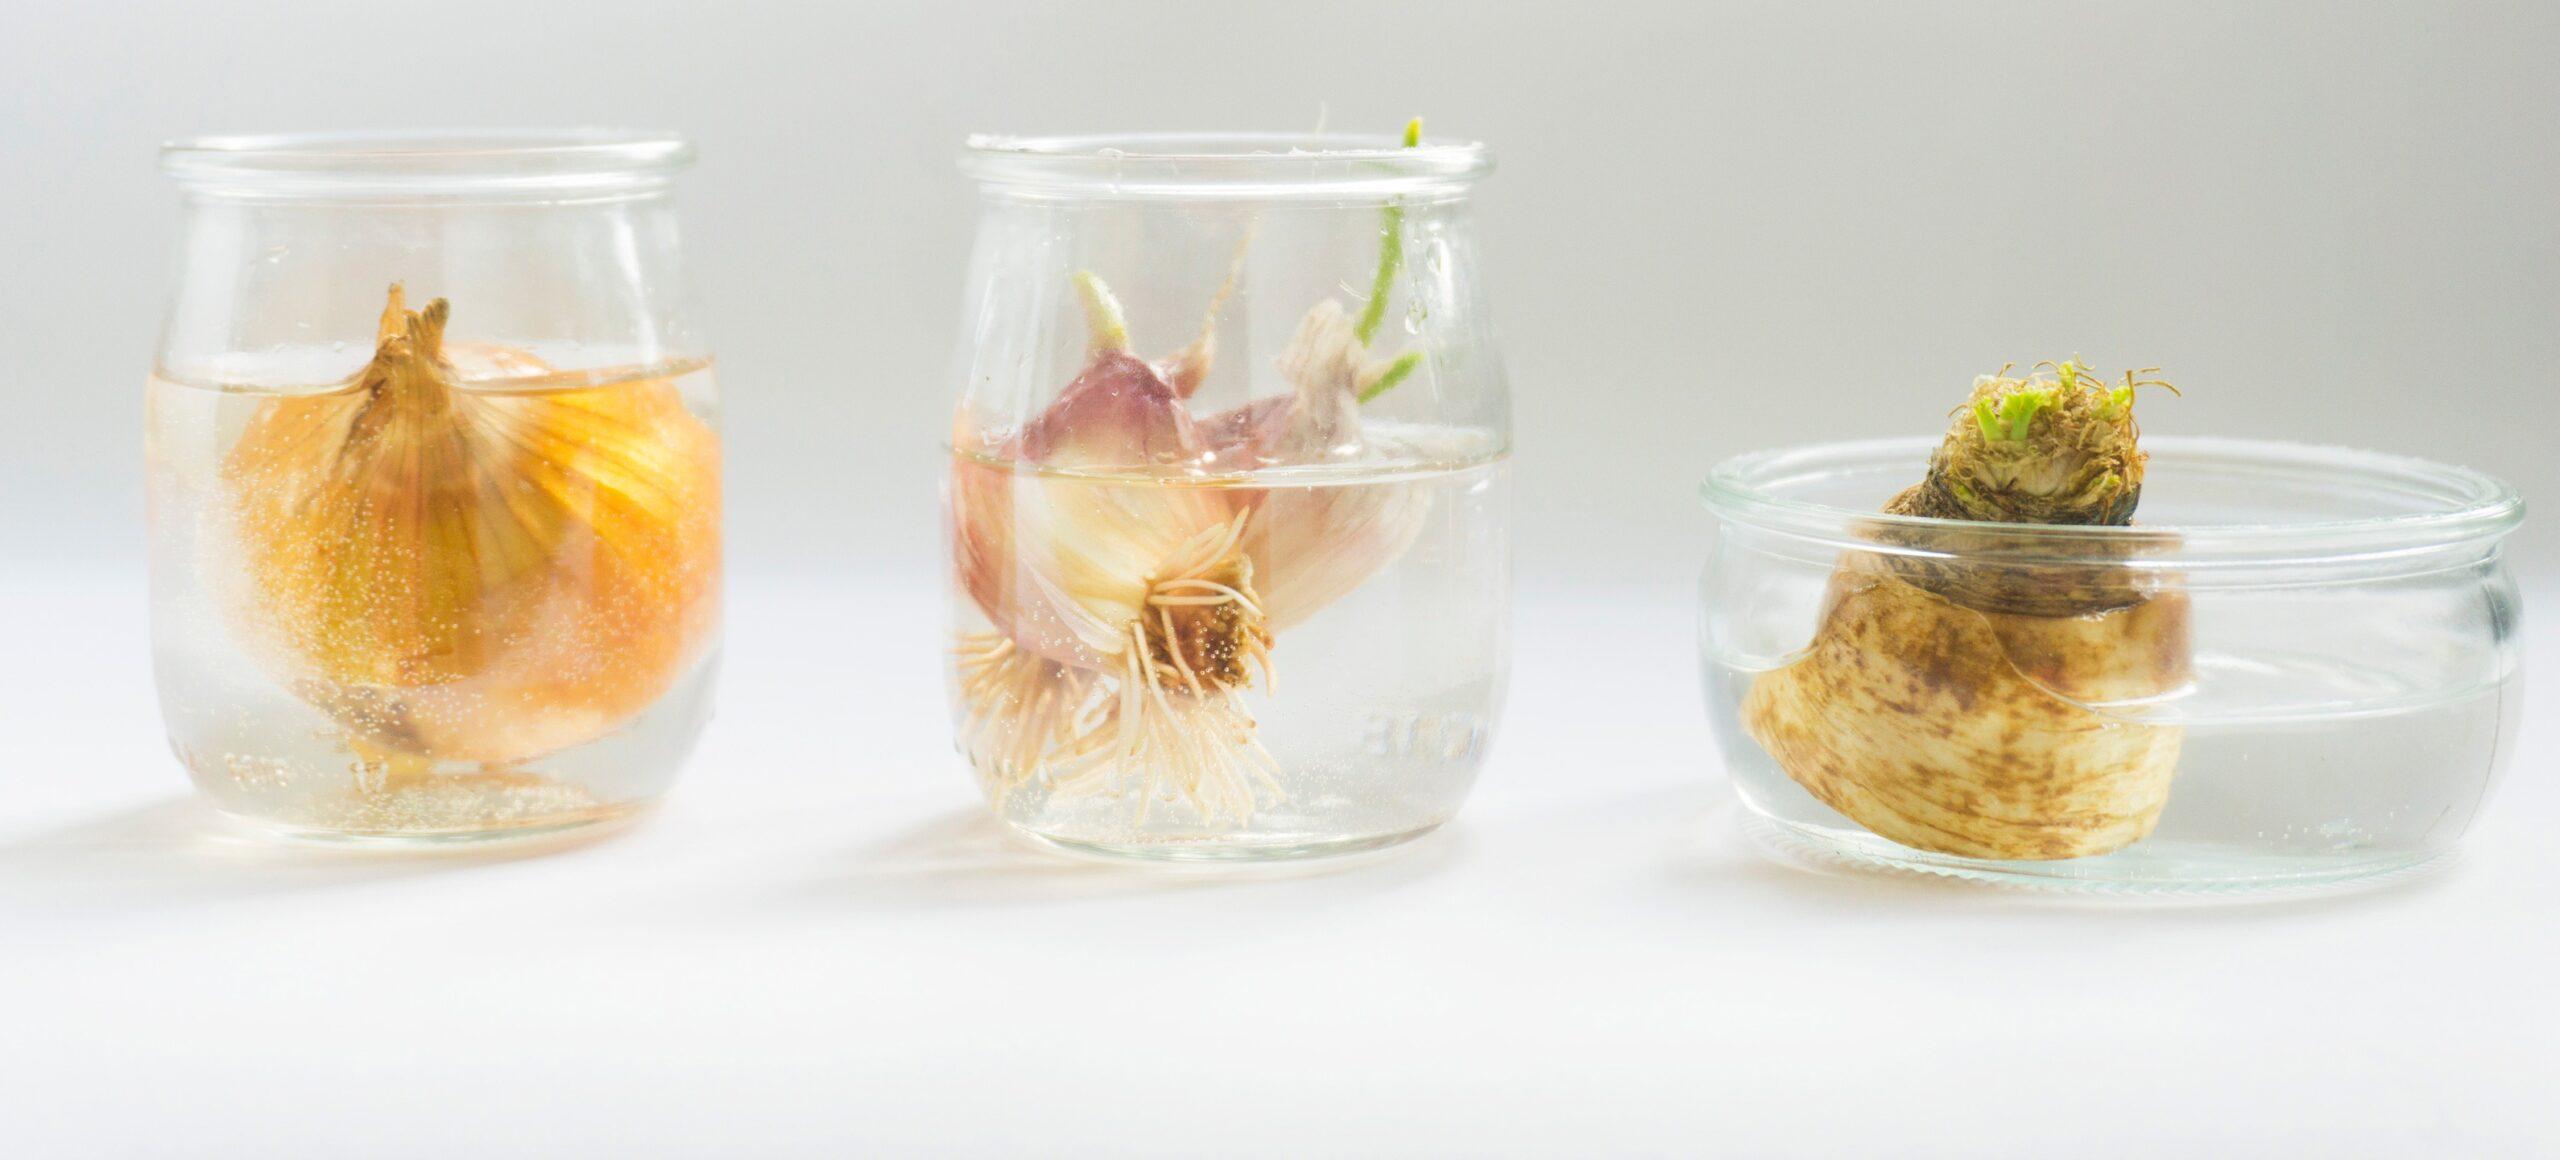 Warzywne zero waste, czyli warzywa z resztek